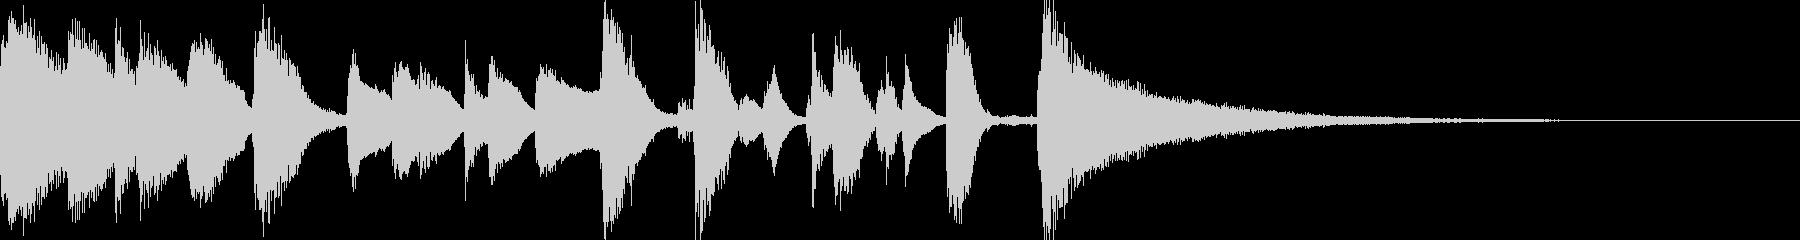 お洒落なジャズのジングル 4 の未再生の波形